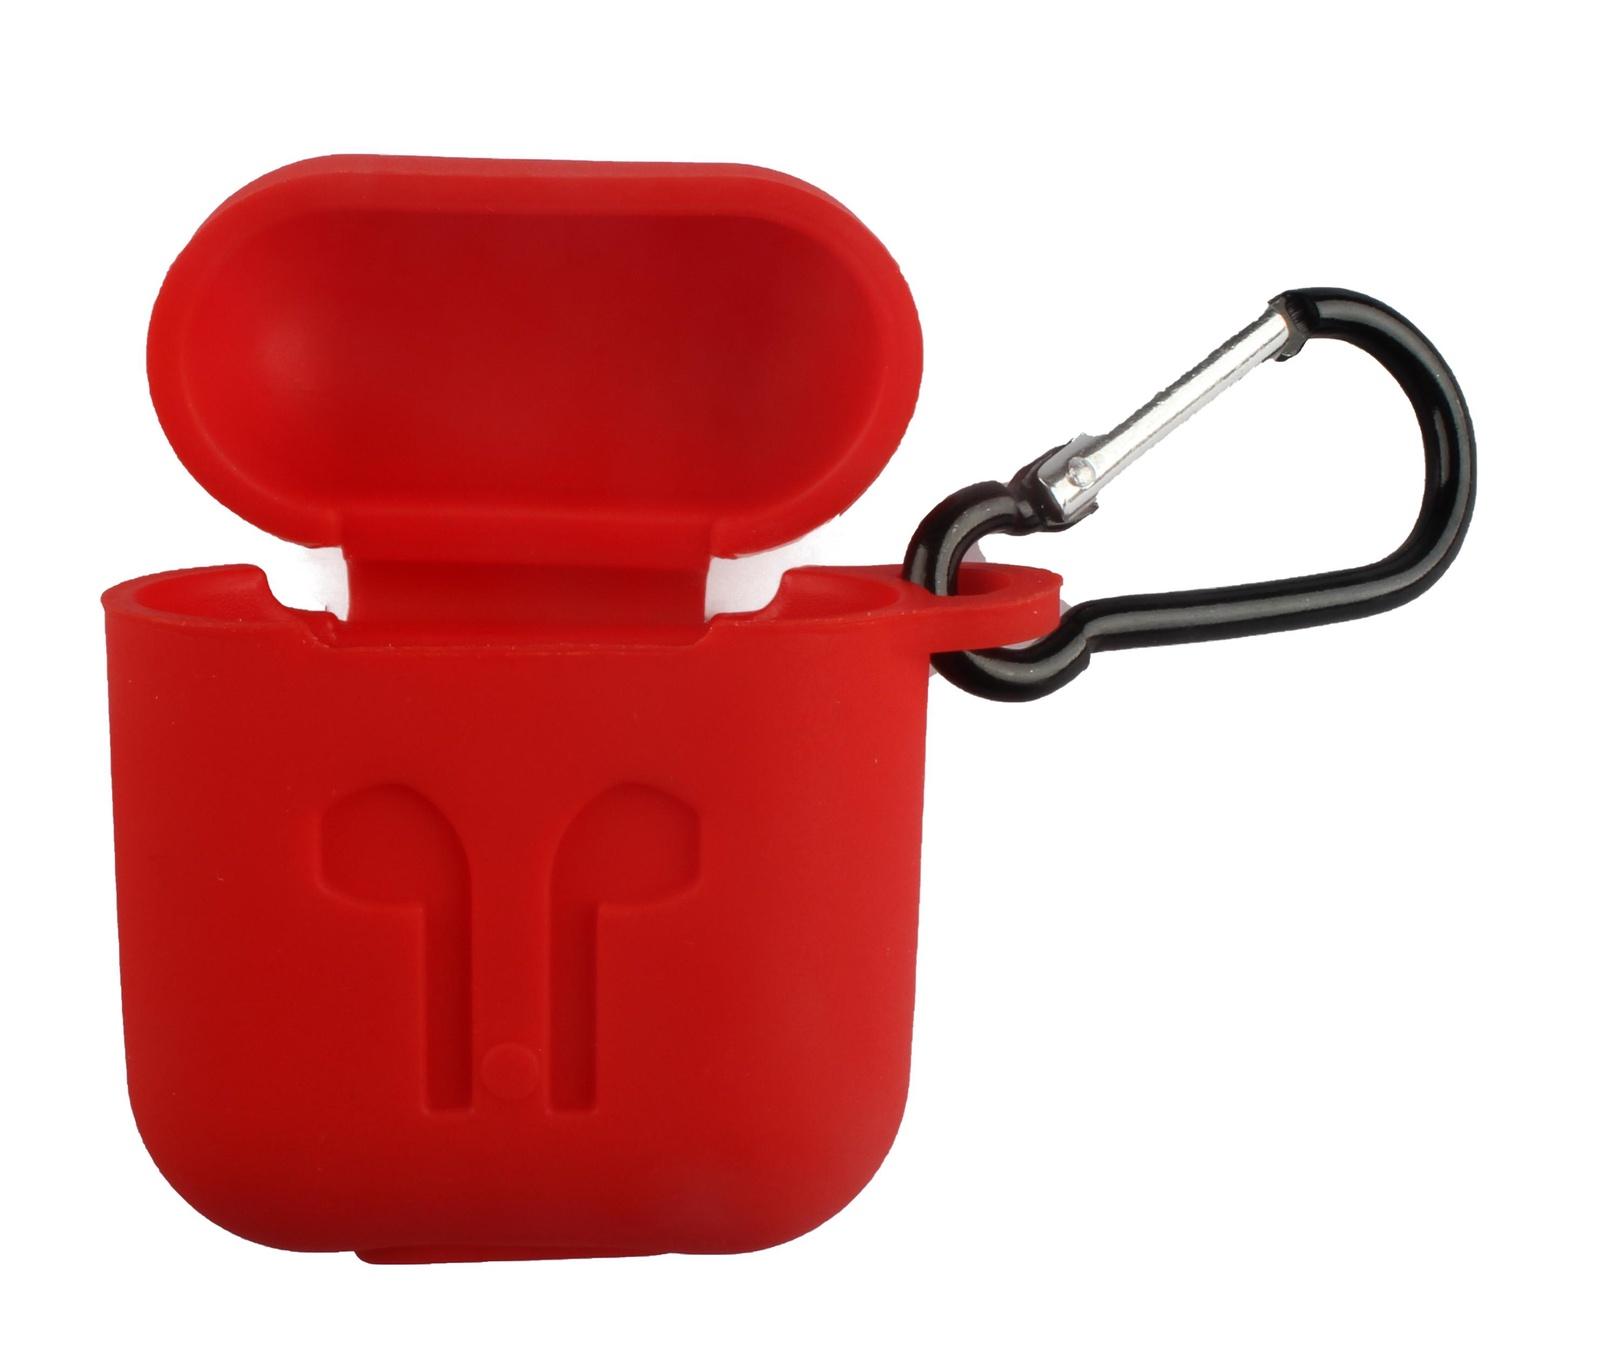 Чехол для наушников TipTop SiliconeCase2036, 4605170002036, красный аксессуар для наушников shure sha900 серебристый